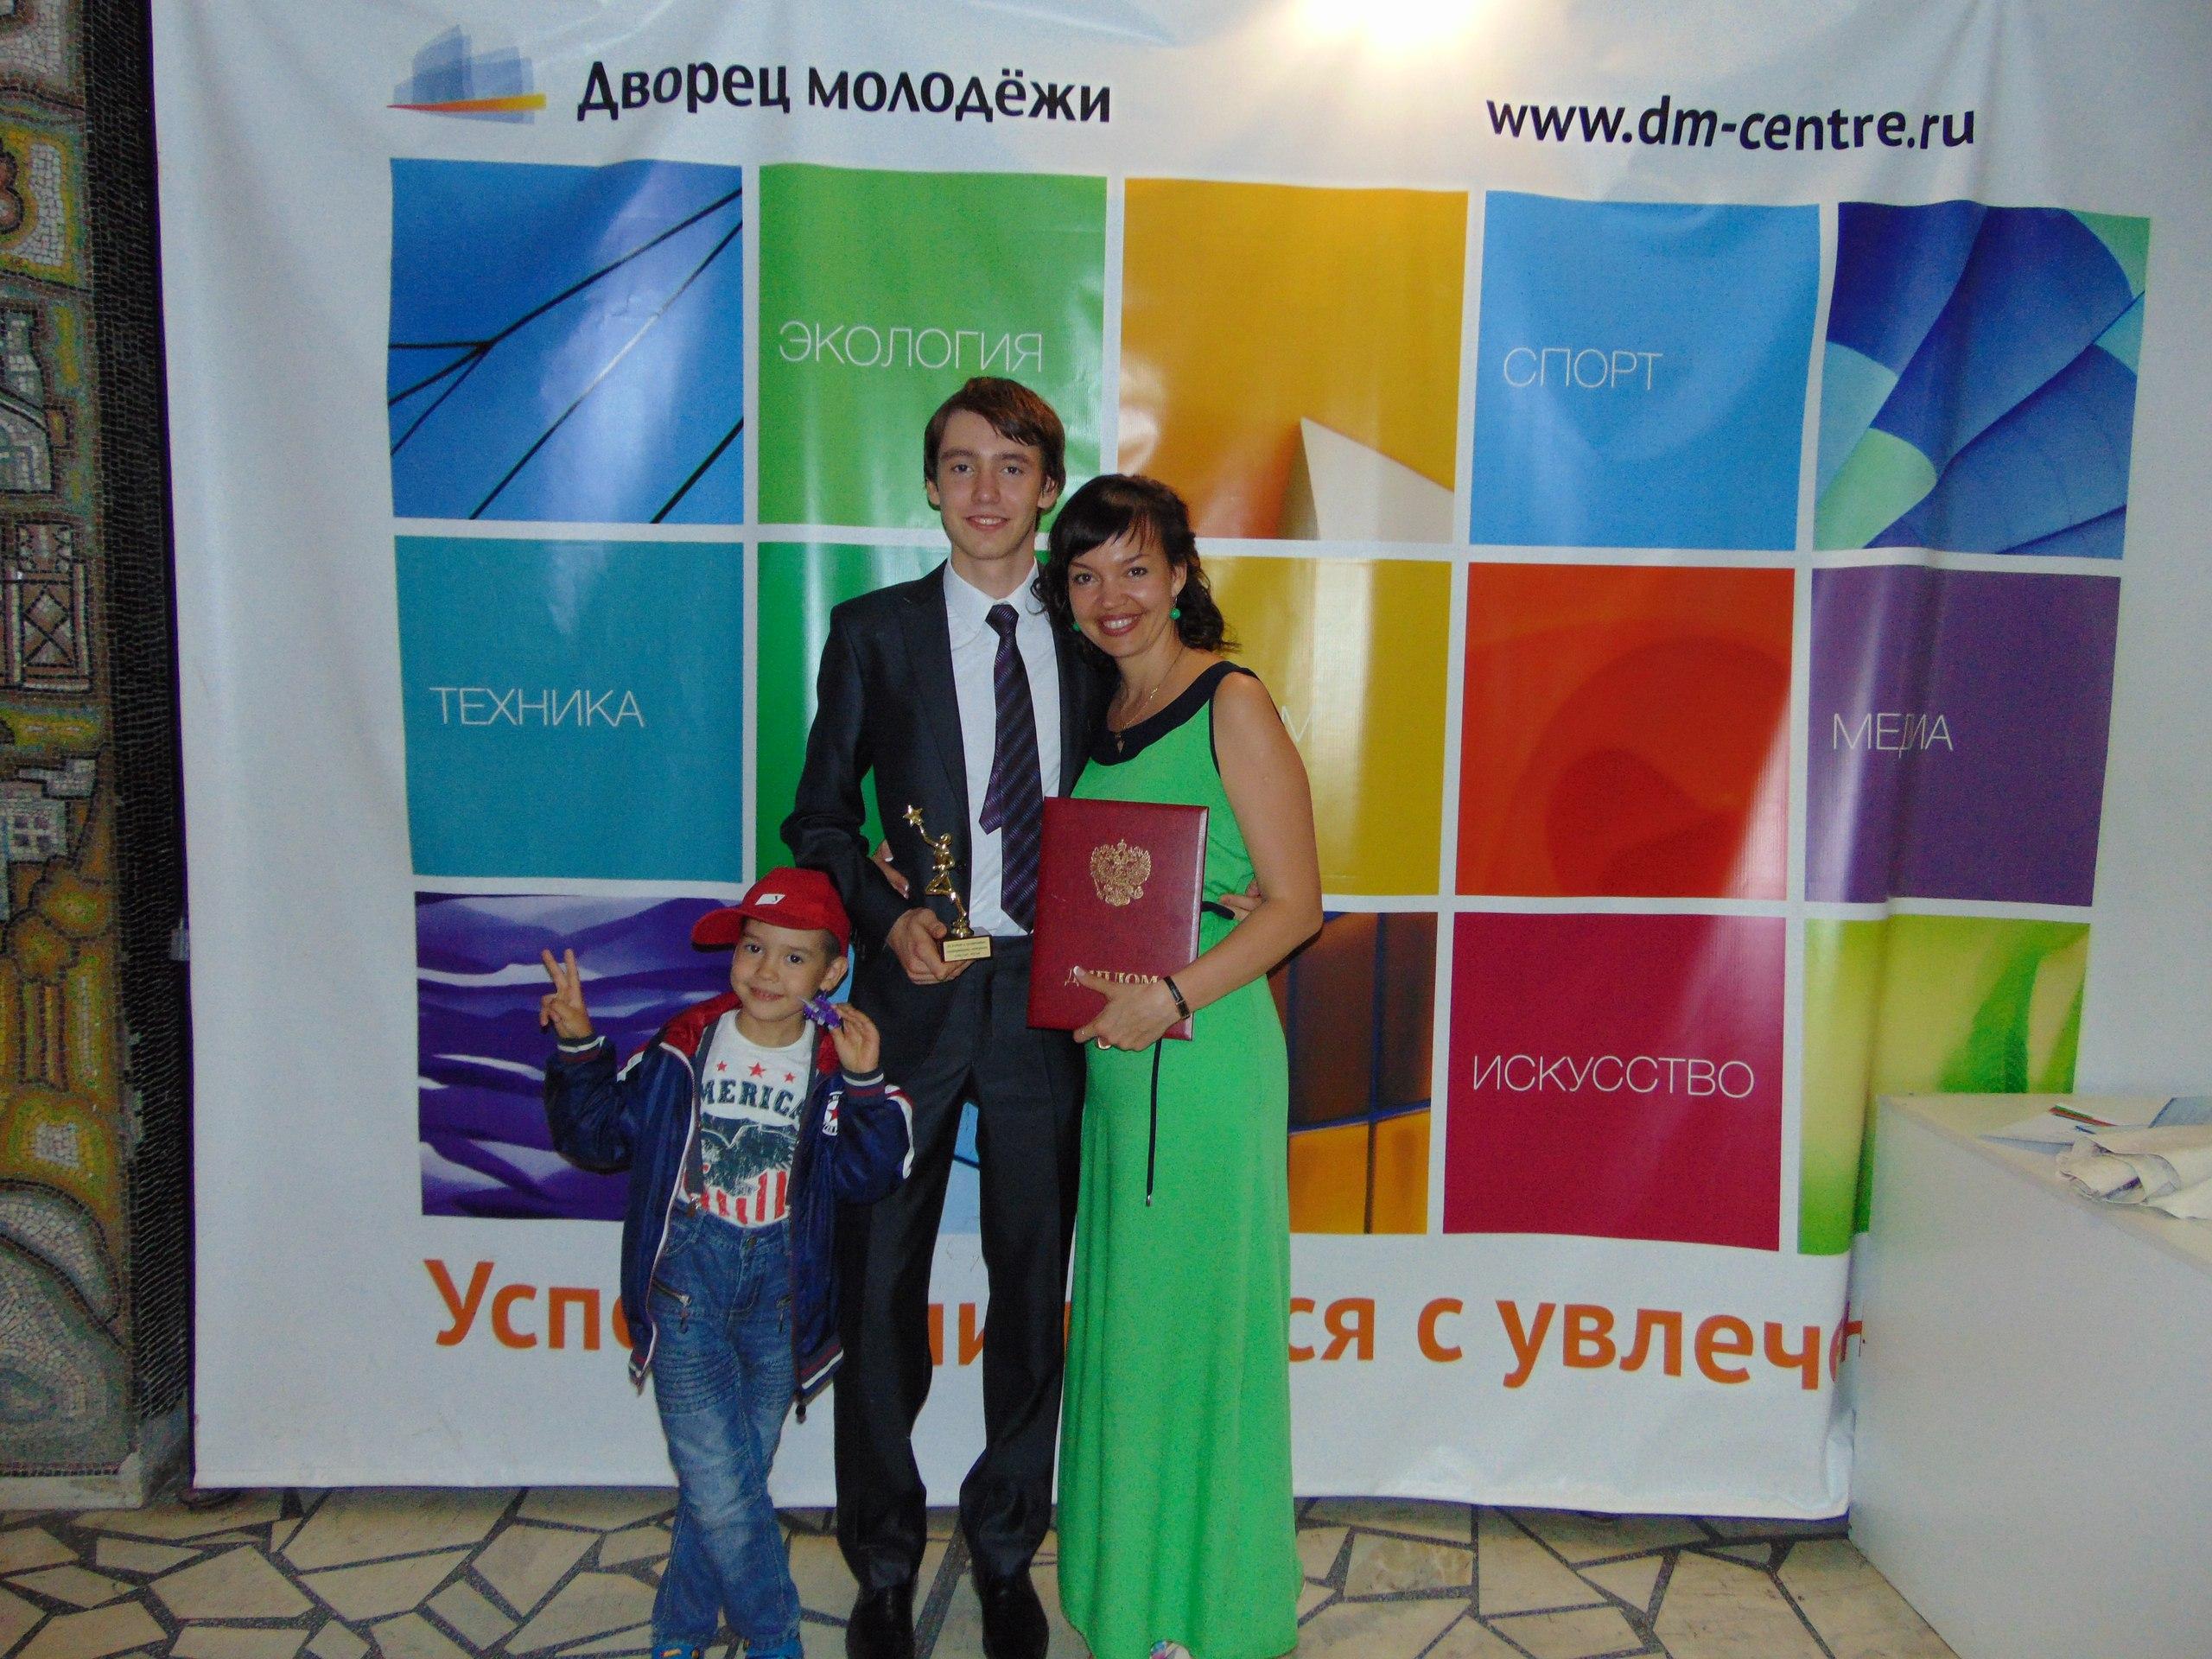 Nina Ozhiganova: ZHenshchina dolzhna byt' korolevoj!